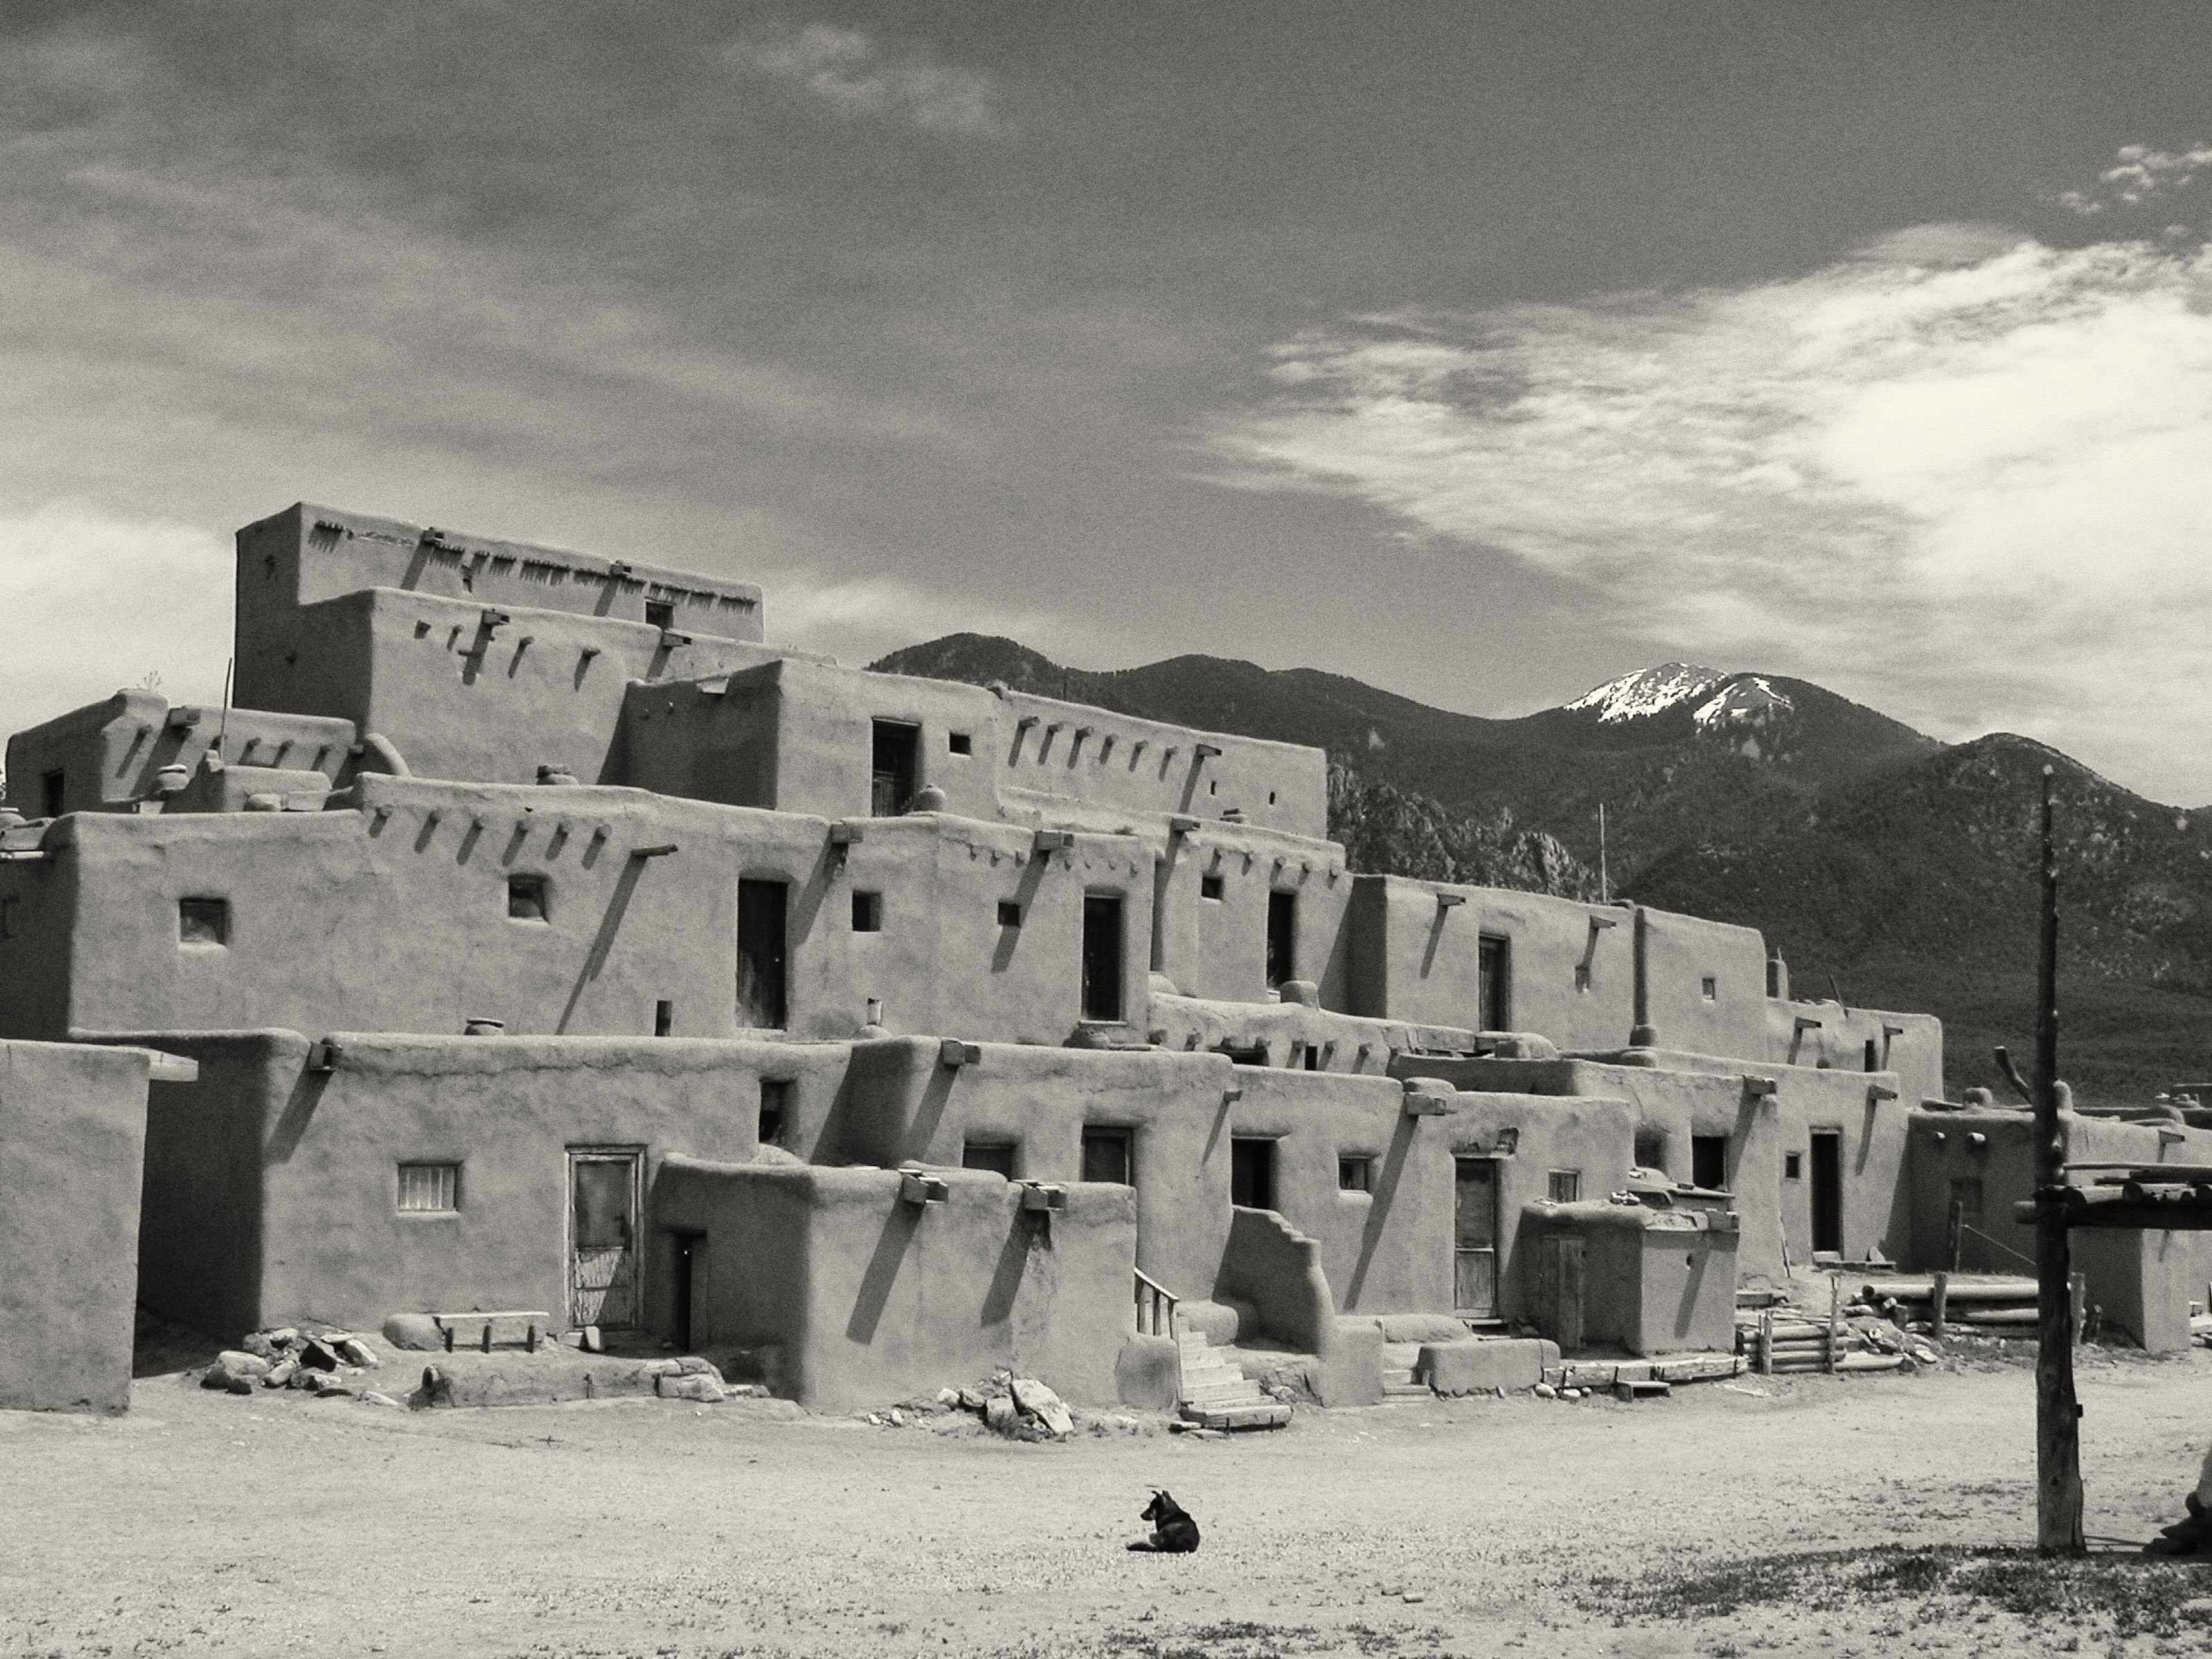 Taos Pueblo - Re-edit of 2003 photo